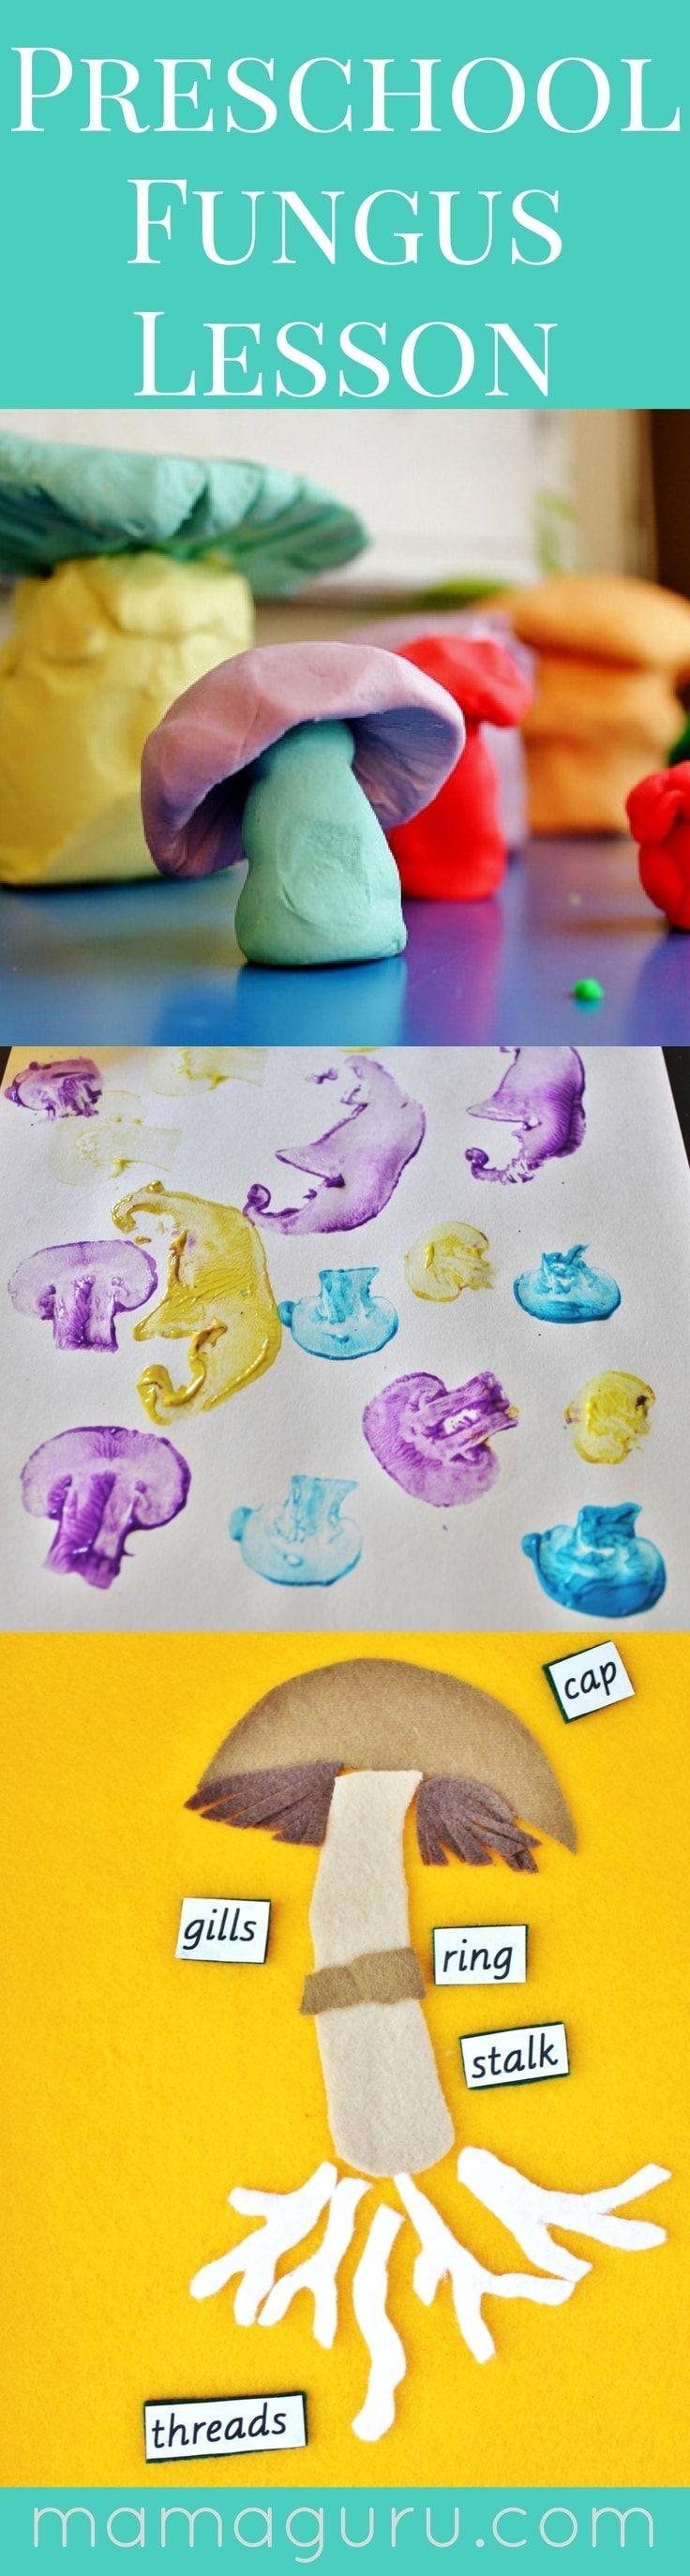 Preschool Fungus Lesson Plans ♥️ Mushrooms ♥️ Kid Art ♥️ Preschool Science ♥️ Montessori at Home ♥️ Playdoh ♥️ Felt Puzzle ♥️ Homeschool ♥️ DIY